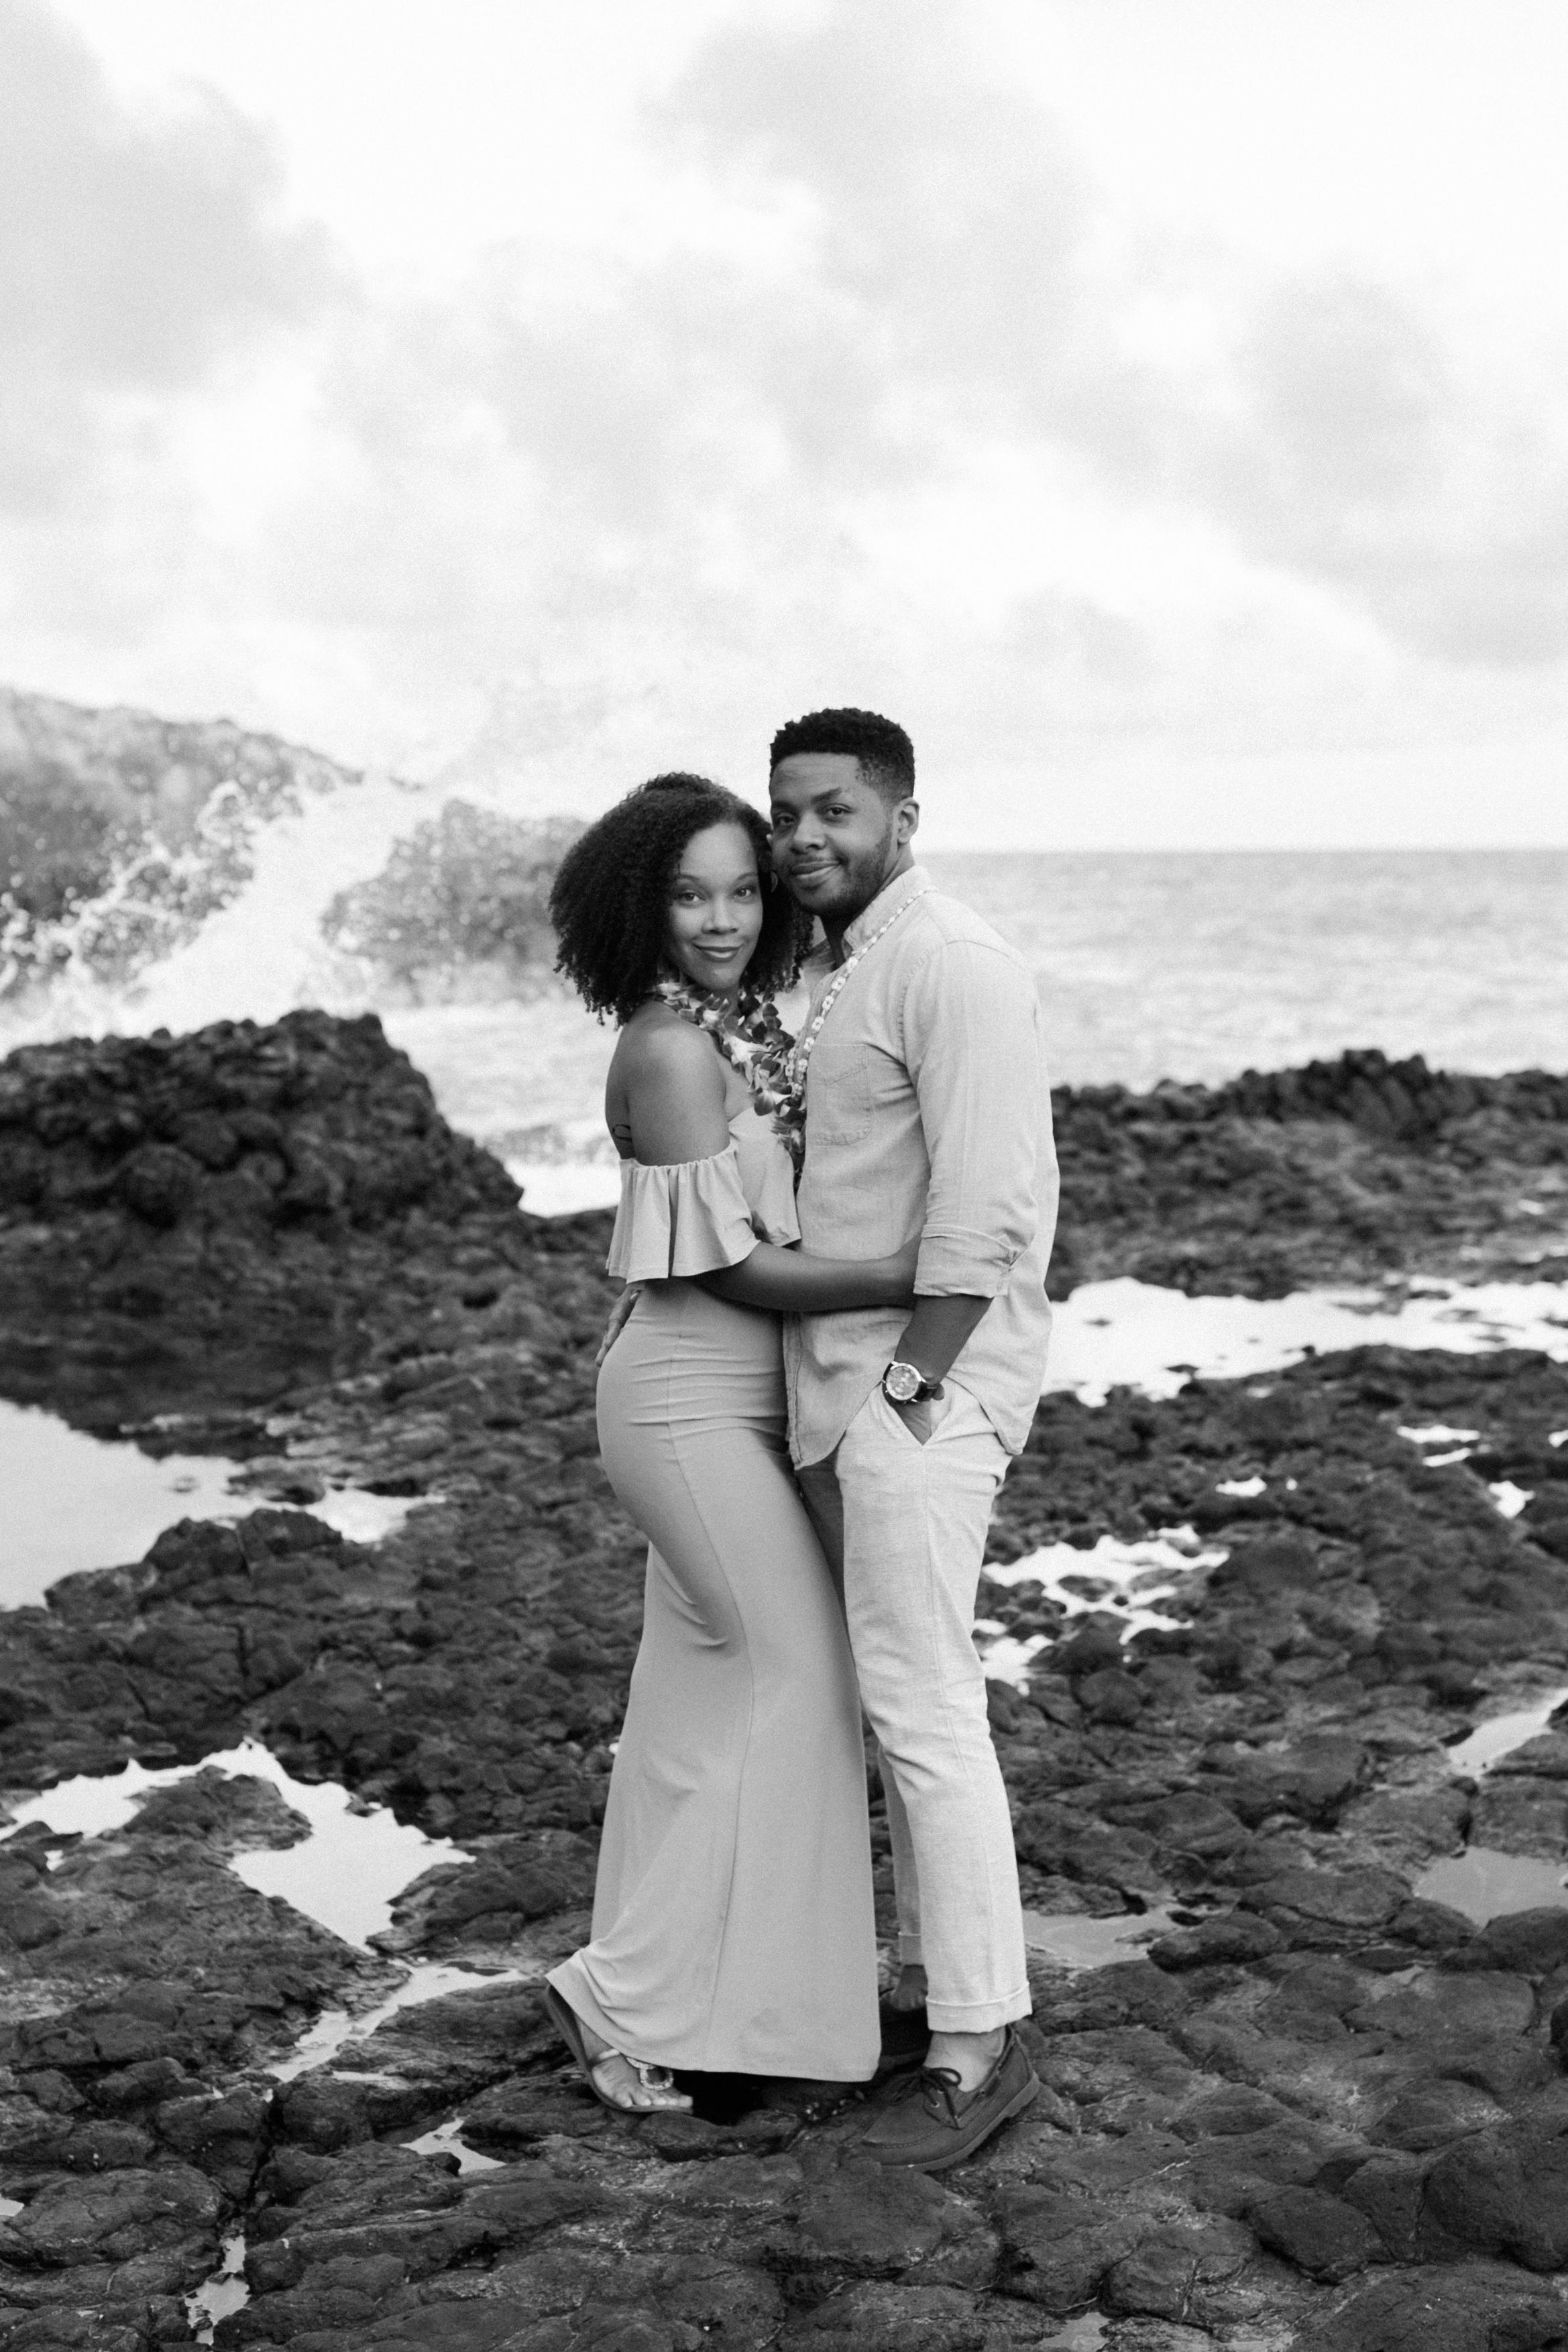 asher-gardner-hawaii-engagement-00001.jpg